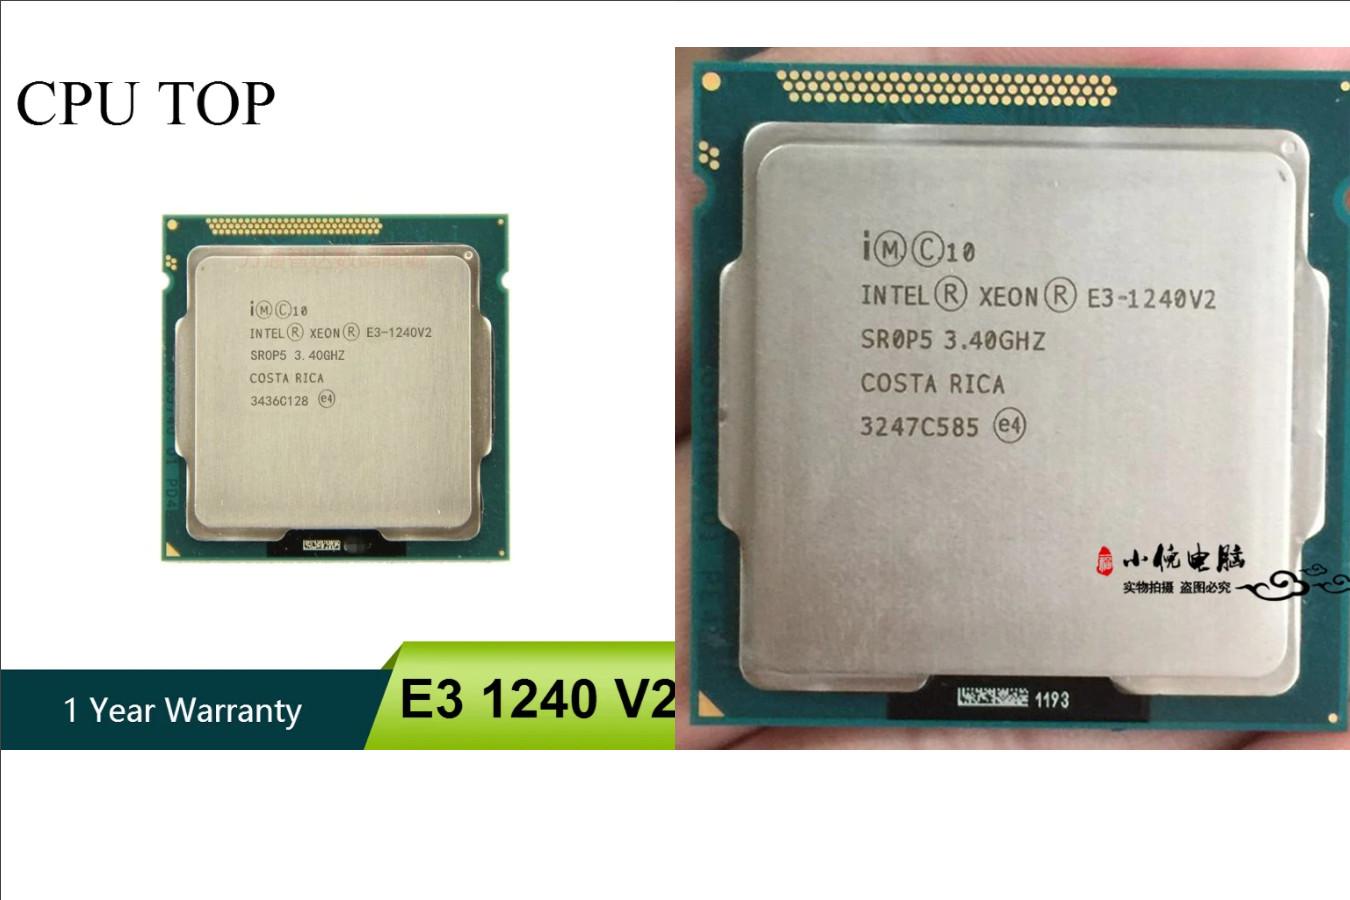 Качественный серверный процессор — Intel Xeon E3-1240 v2